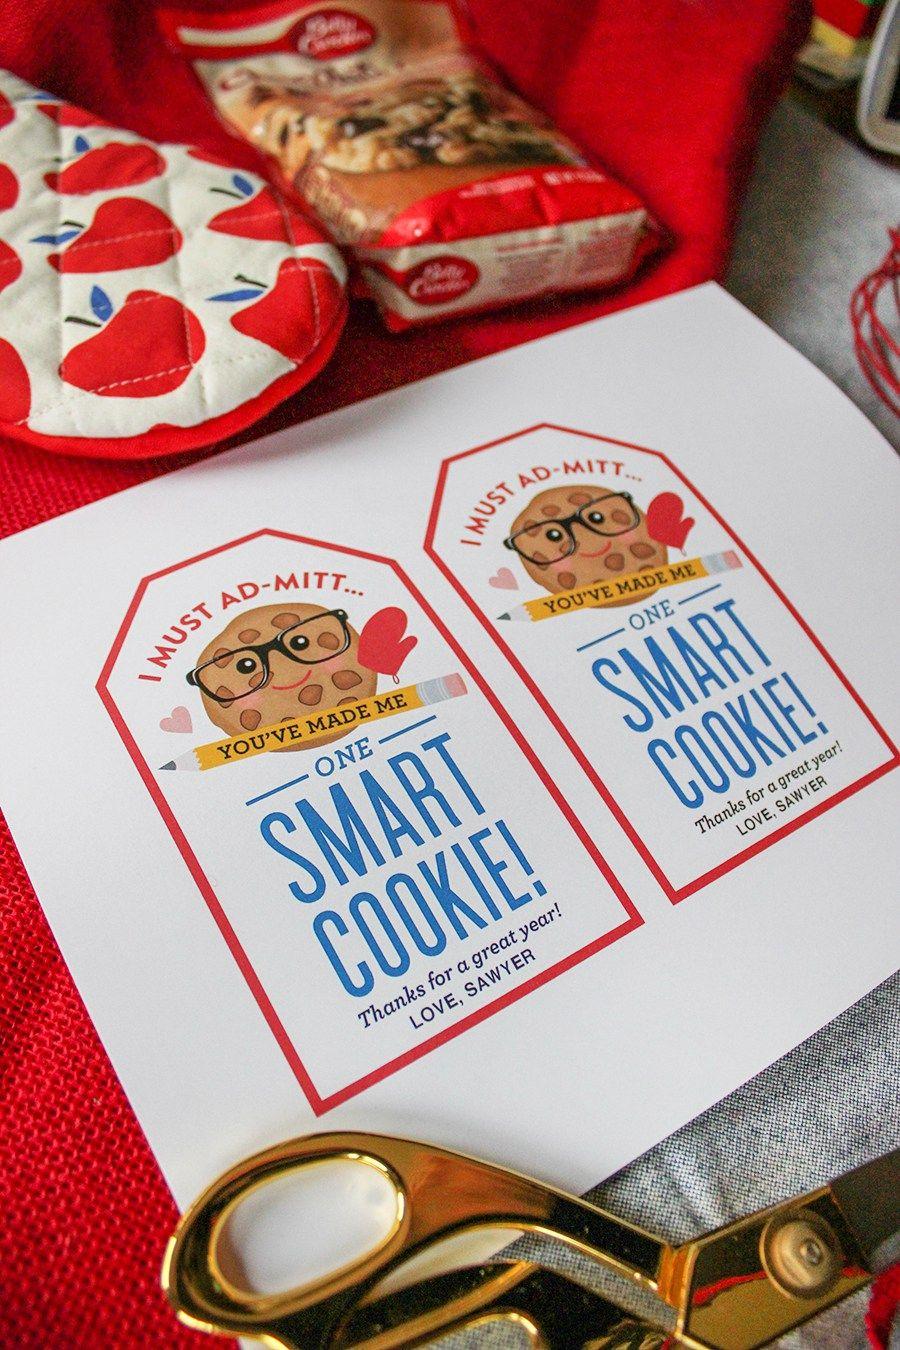 teacher gift idea teacher appreciation smart cookie oven mitt gift idea oven mitt teacher appreciation smart cookie